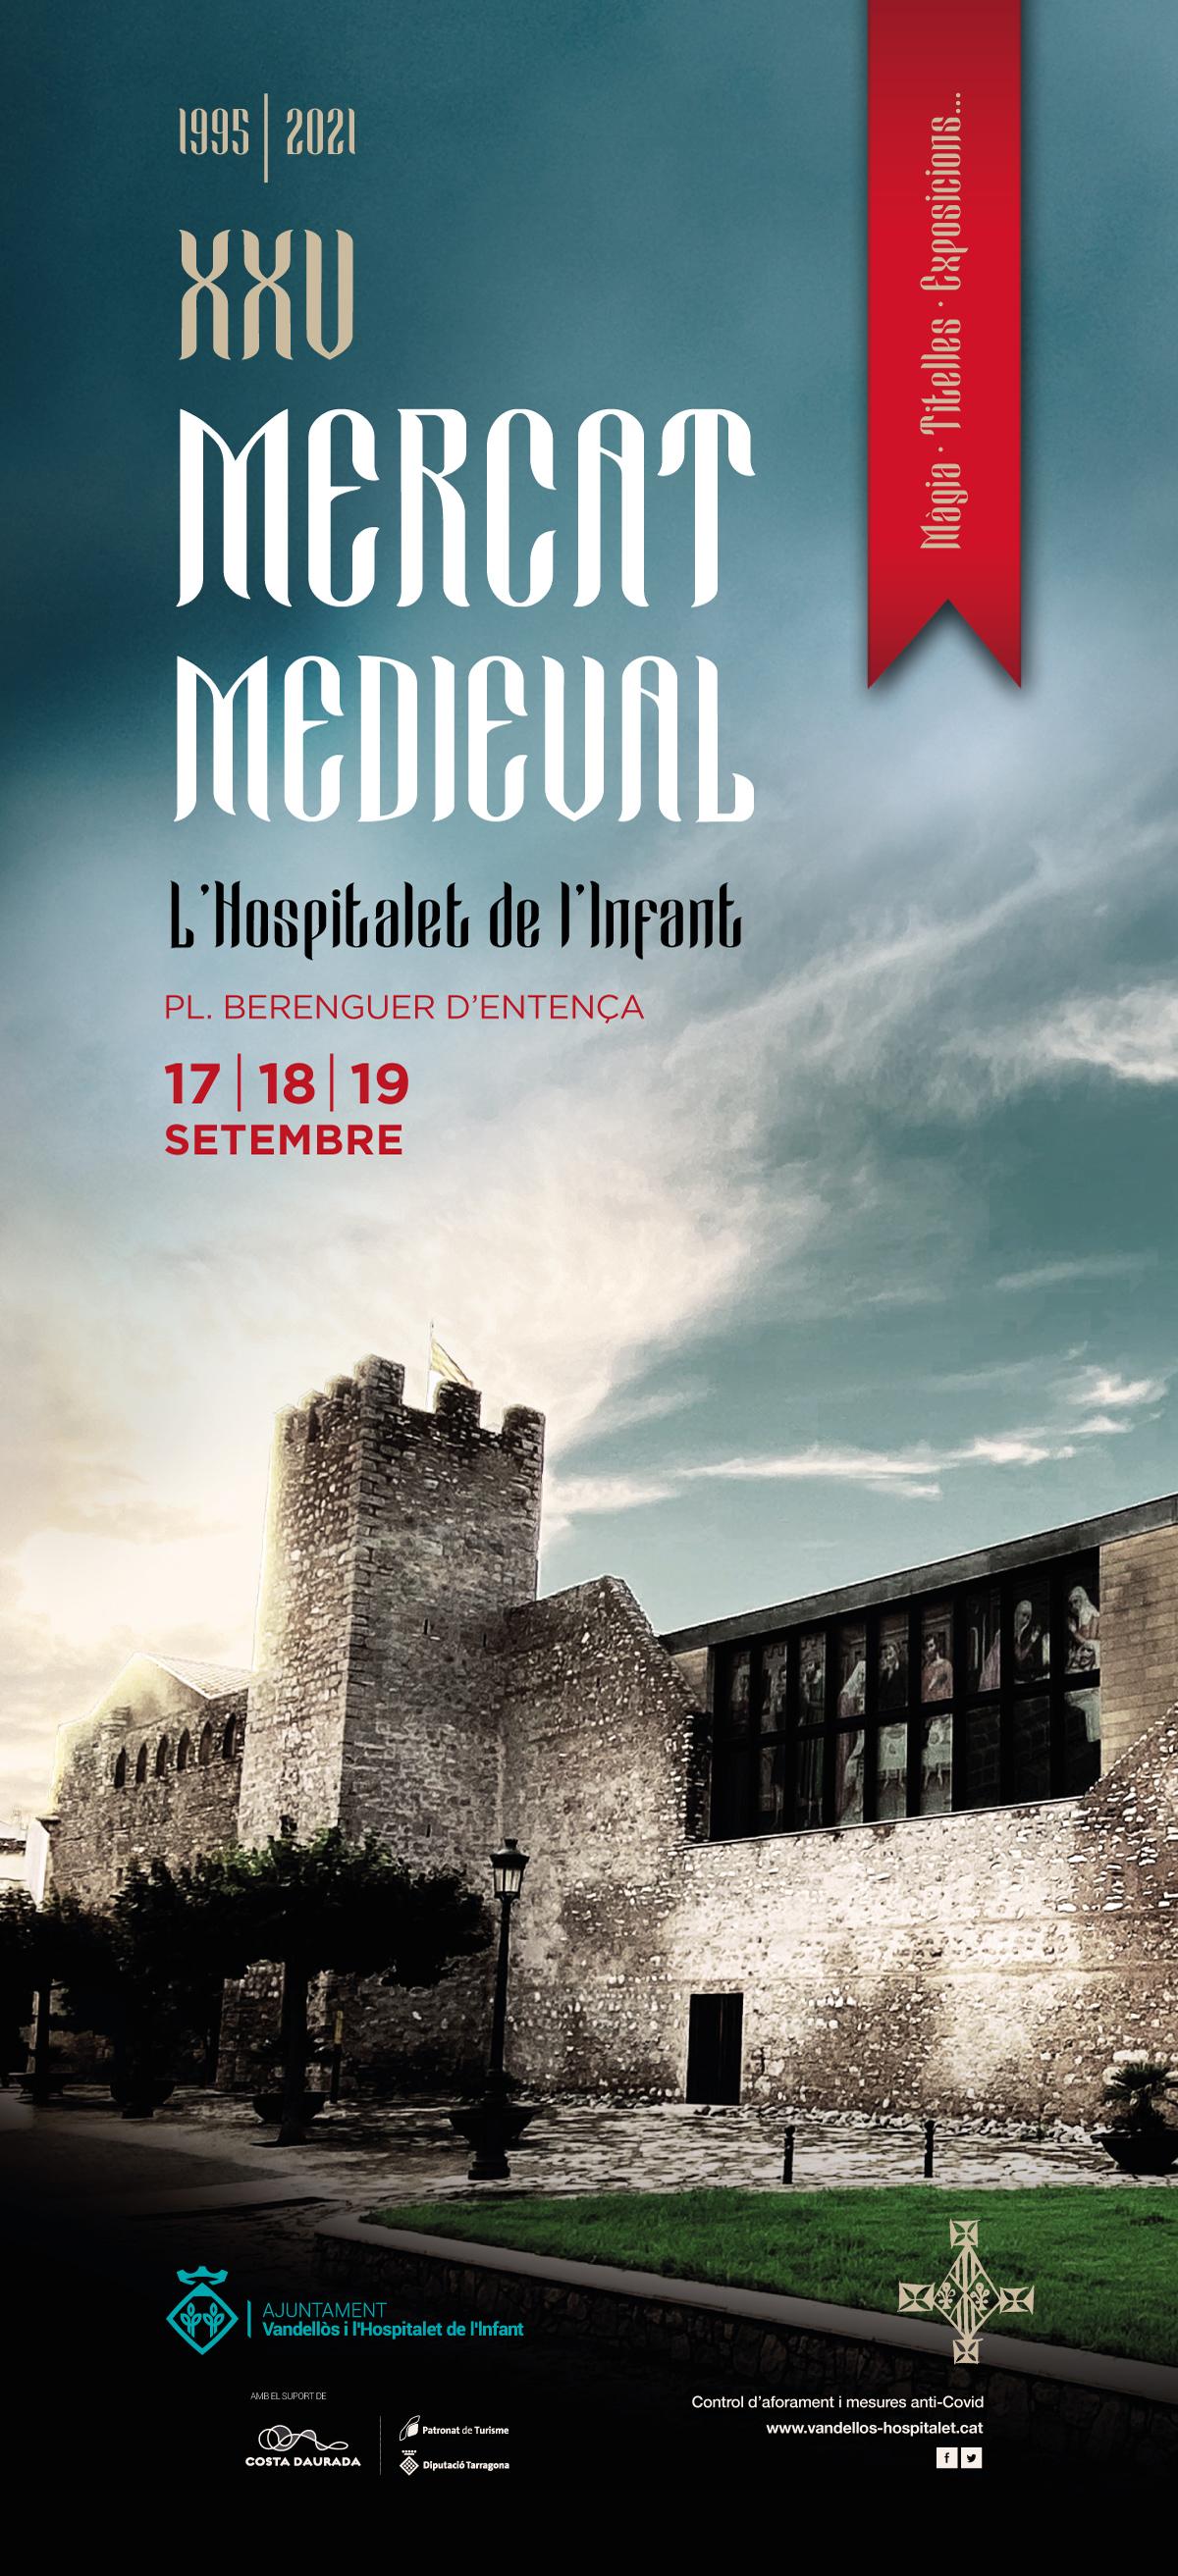 XXV Mercat Medieval, del 17 al 19 de sembre, a l'Hospitalet de l'Infant